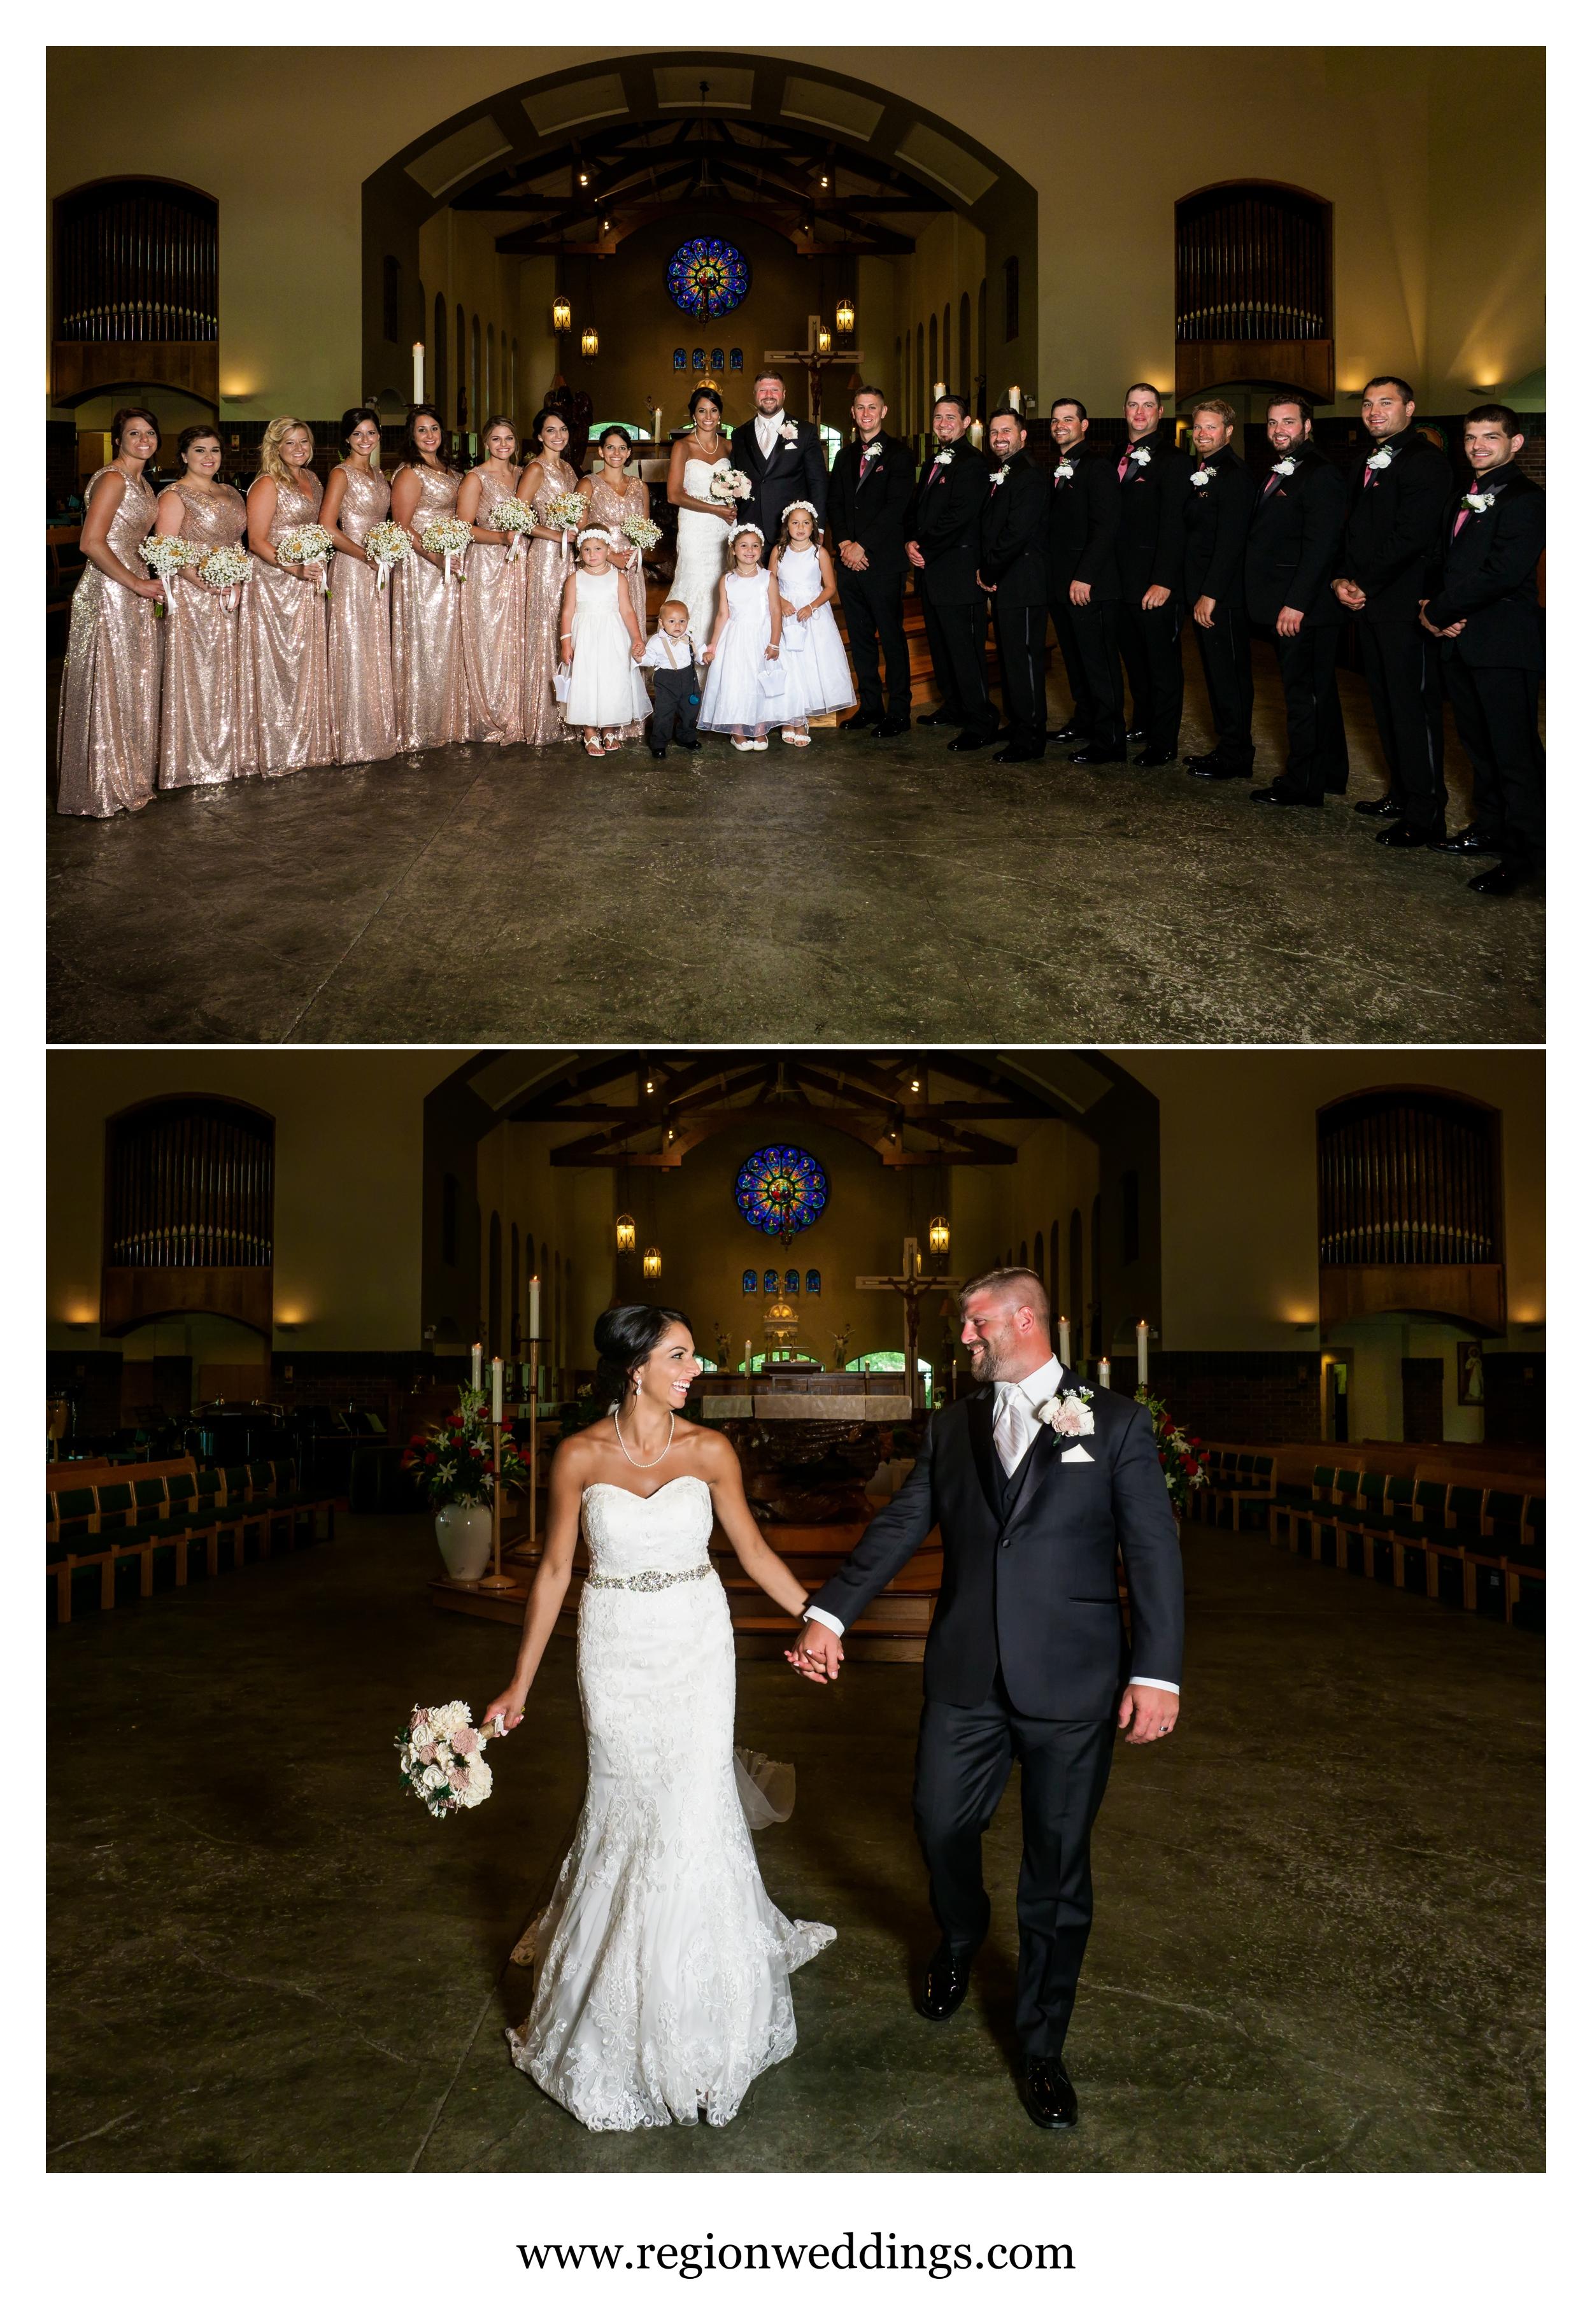 Wedding party photos at St. Michael's Parish in Schererville.